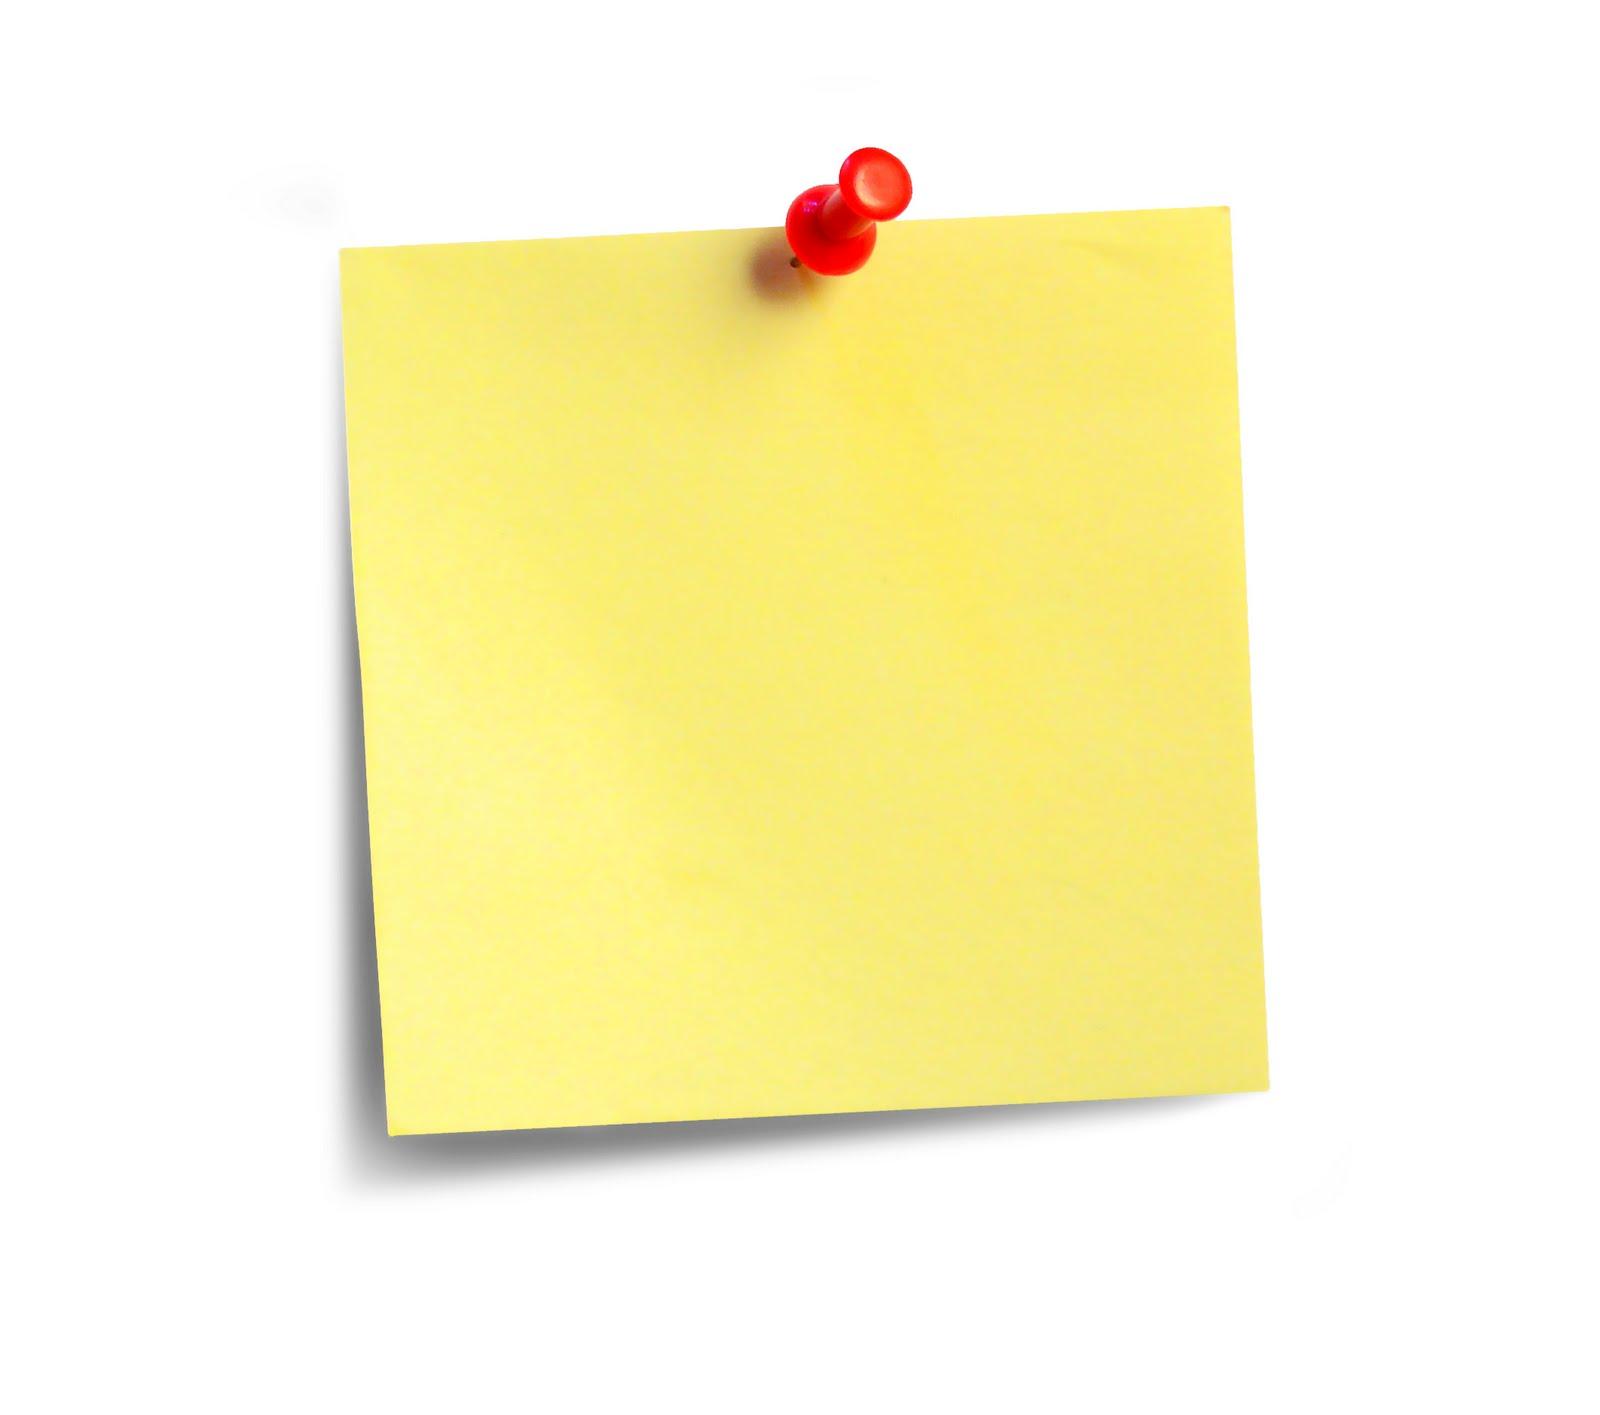 1600x1415 Wallpaper Wallpaper Post It Notes